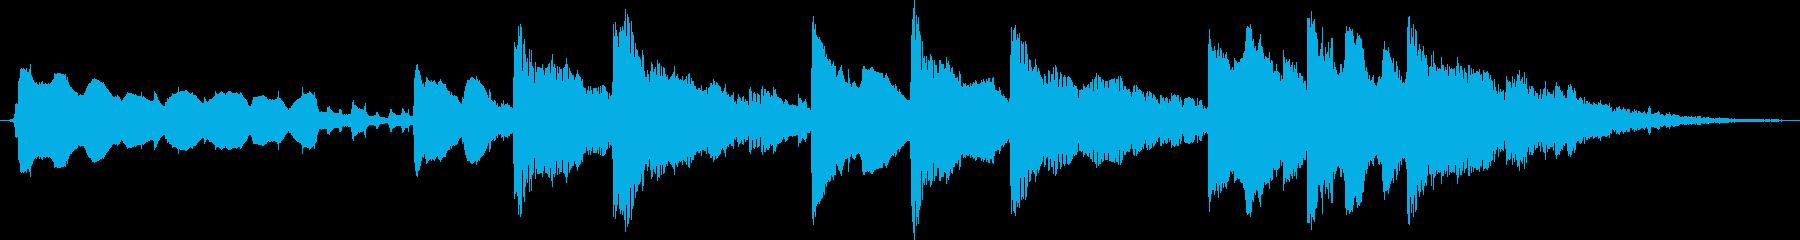 美しく控えめなアンビエント/ポップ...の再生済みの波形